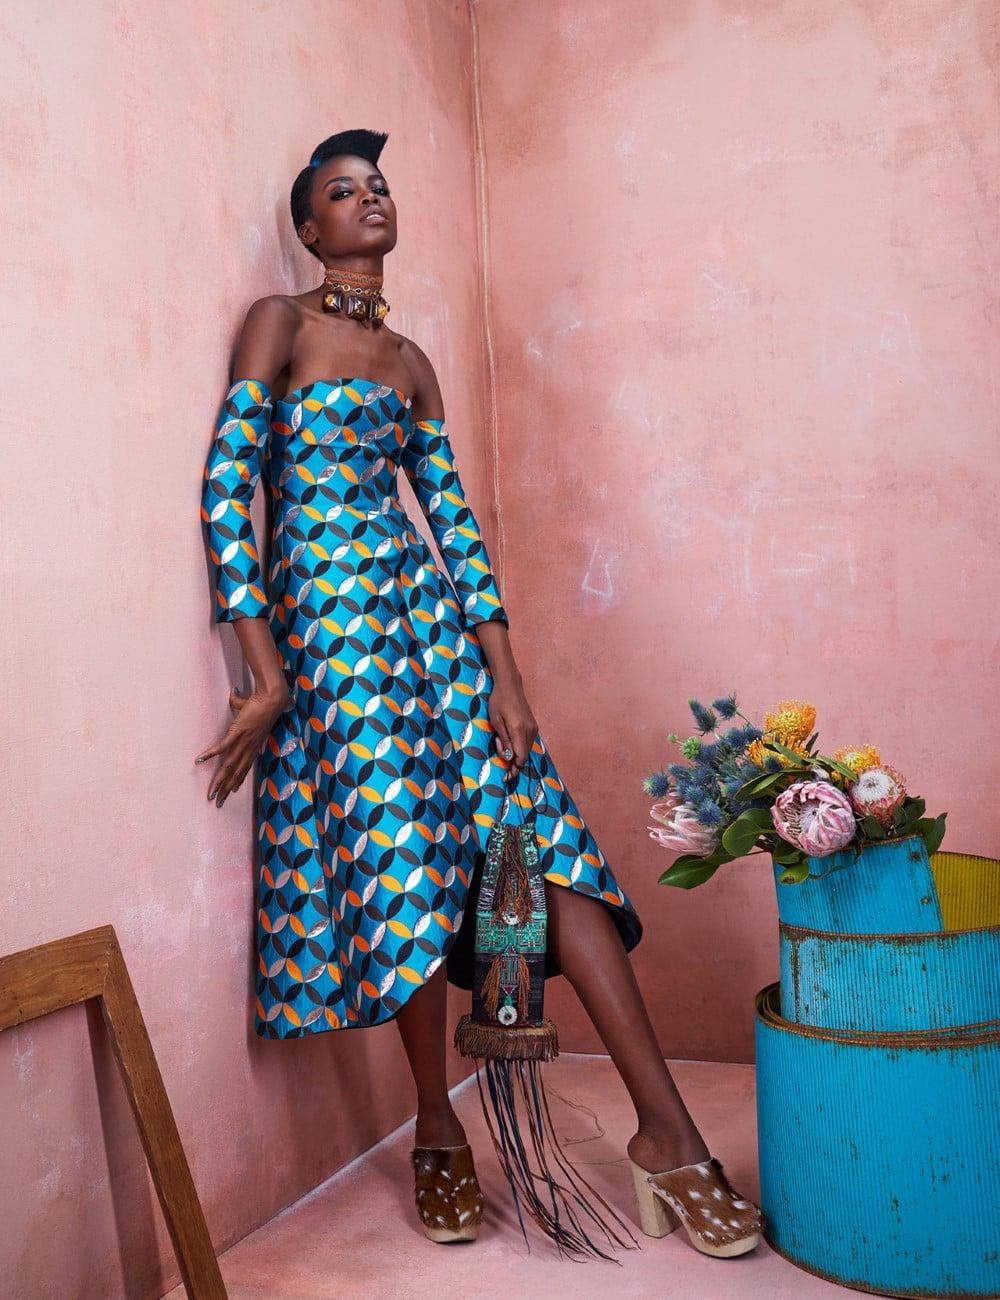 africa-rising-ed-singleton-models- (11).jpg